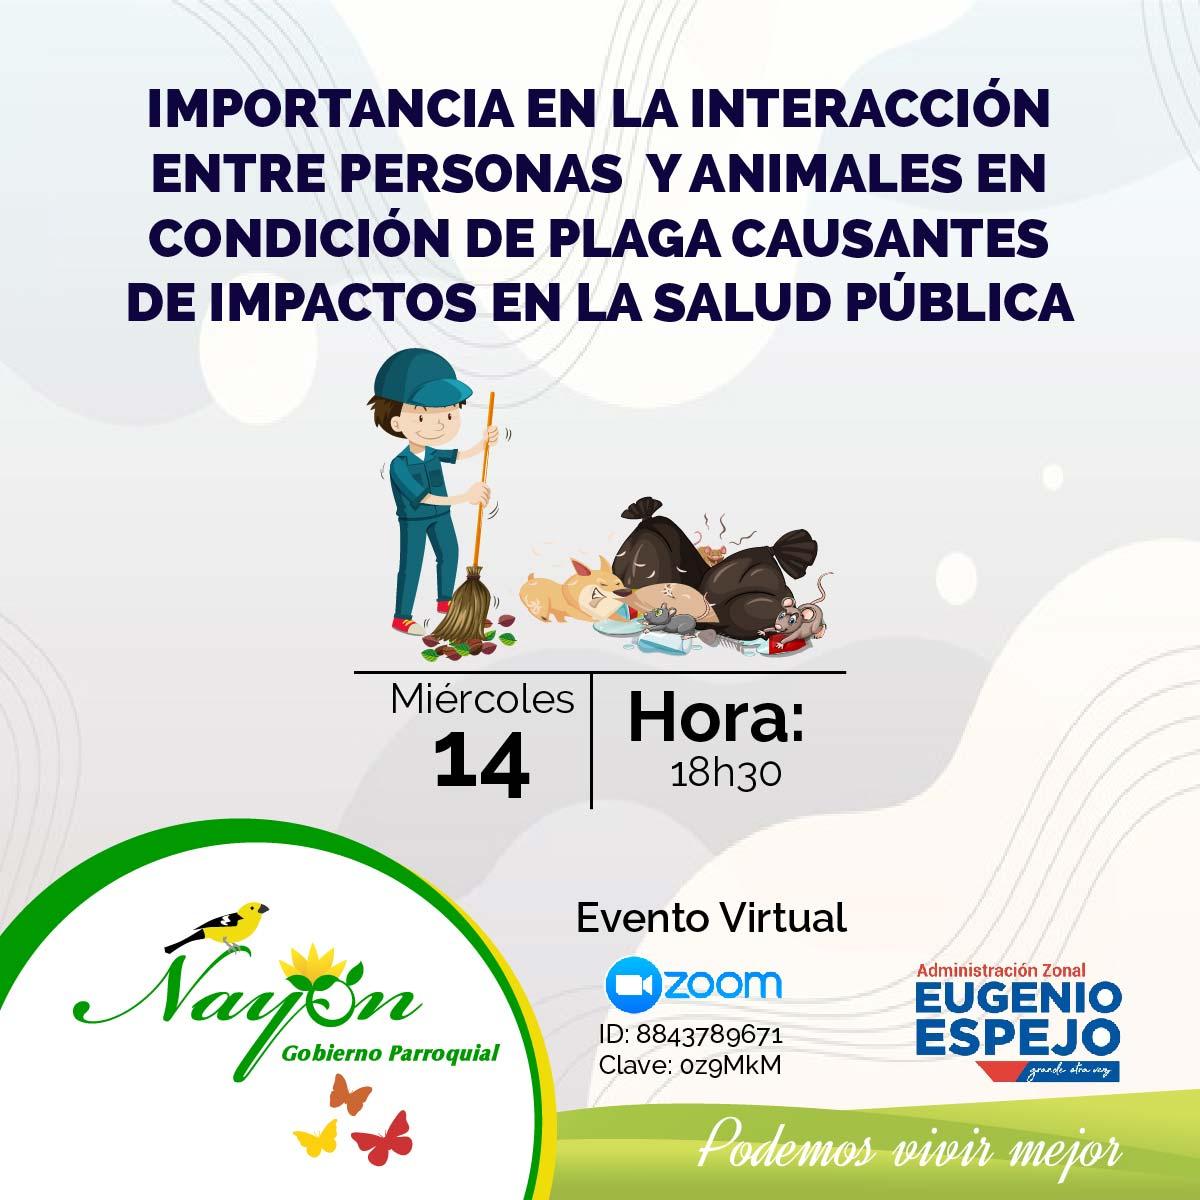 Capacitación en la Importancia en la interacción entre personas y animales en condición de plagas causante de impactos en la salud pública